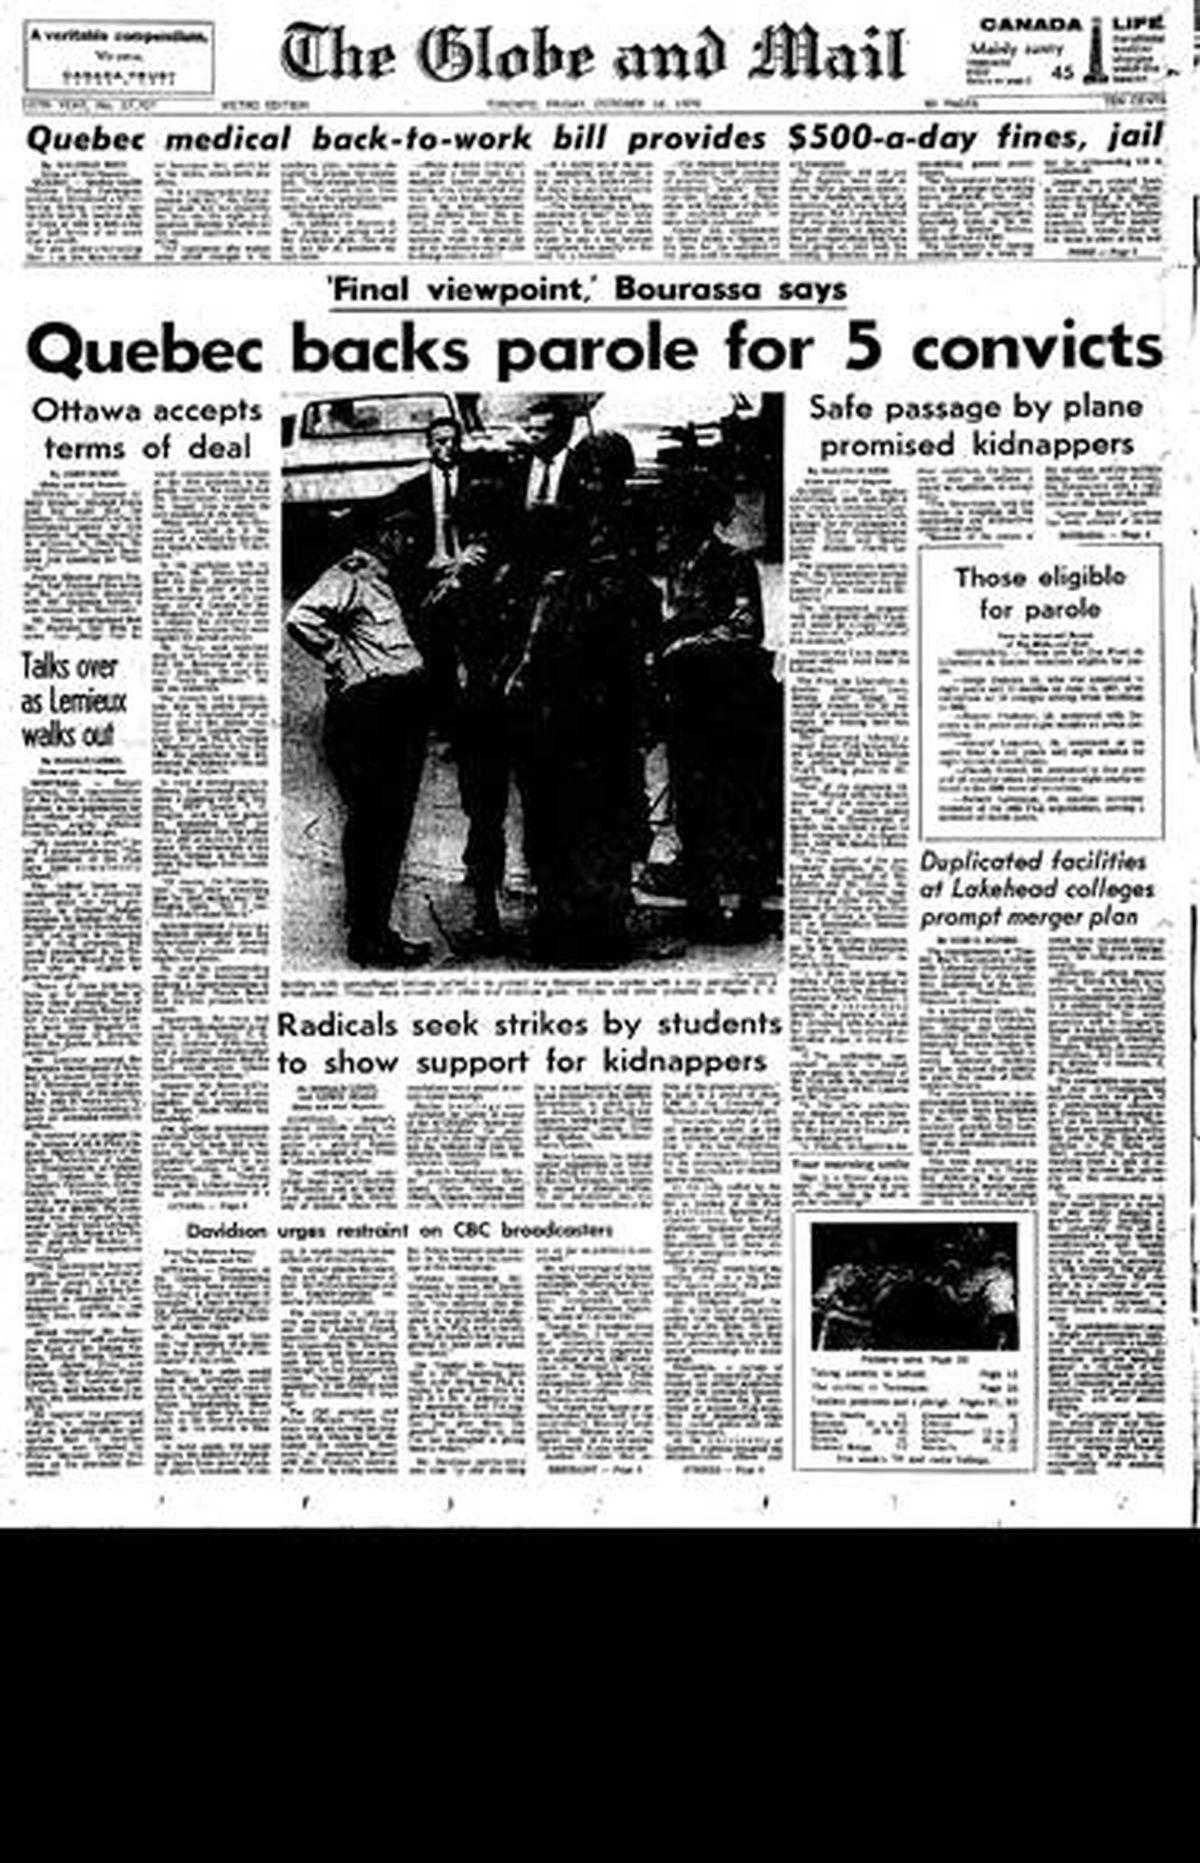 Oct. 16, 1970.